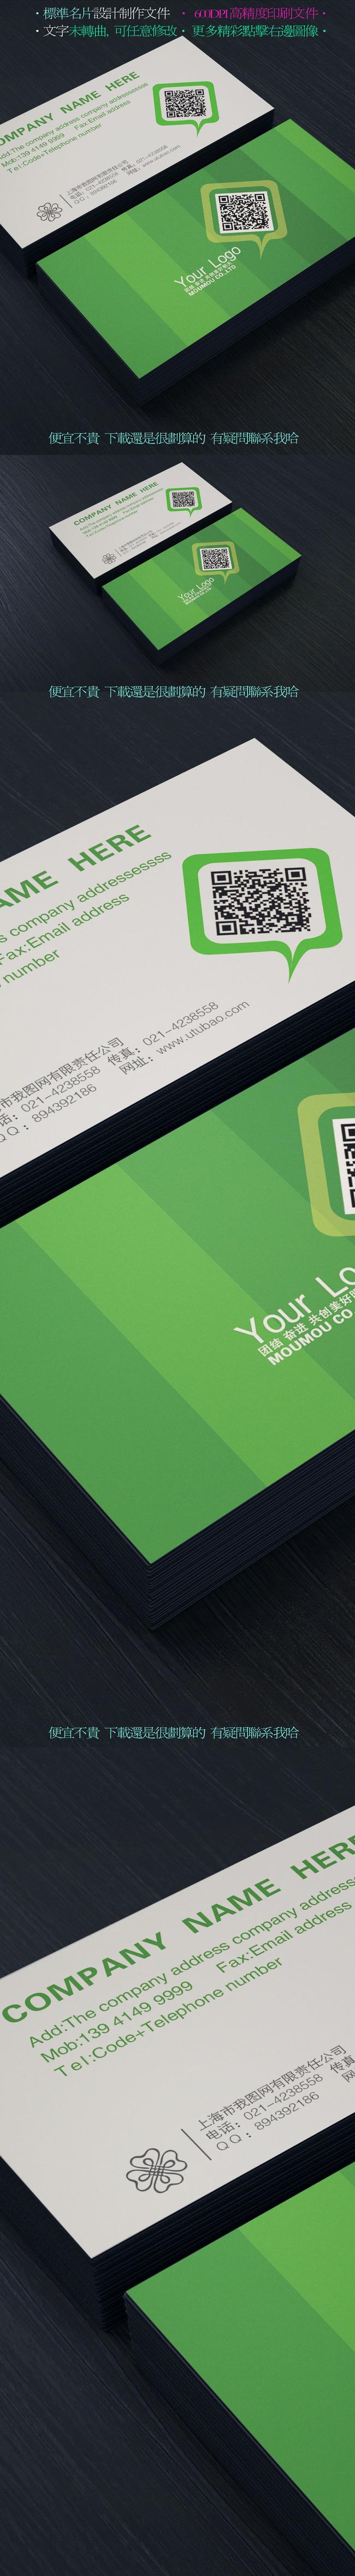 绿色环保二维码名片模板下载